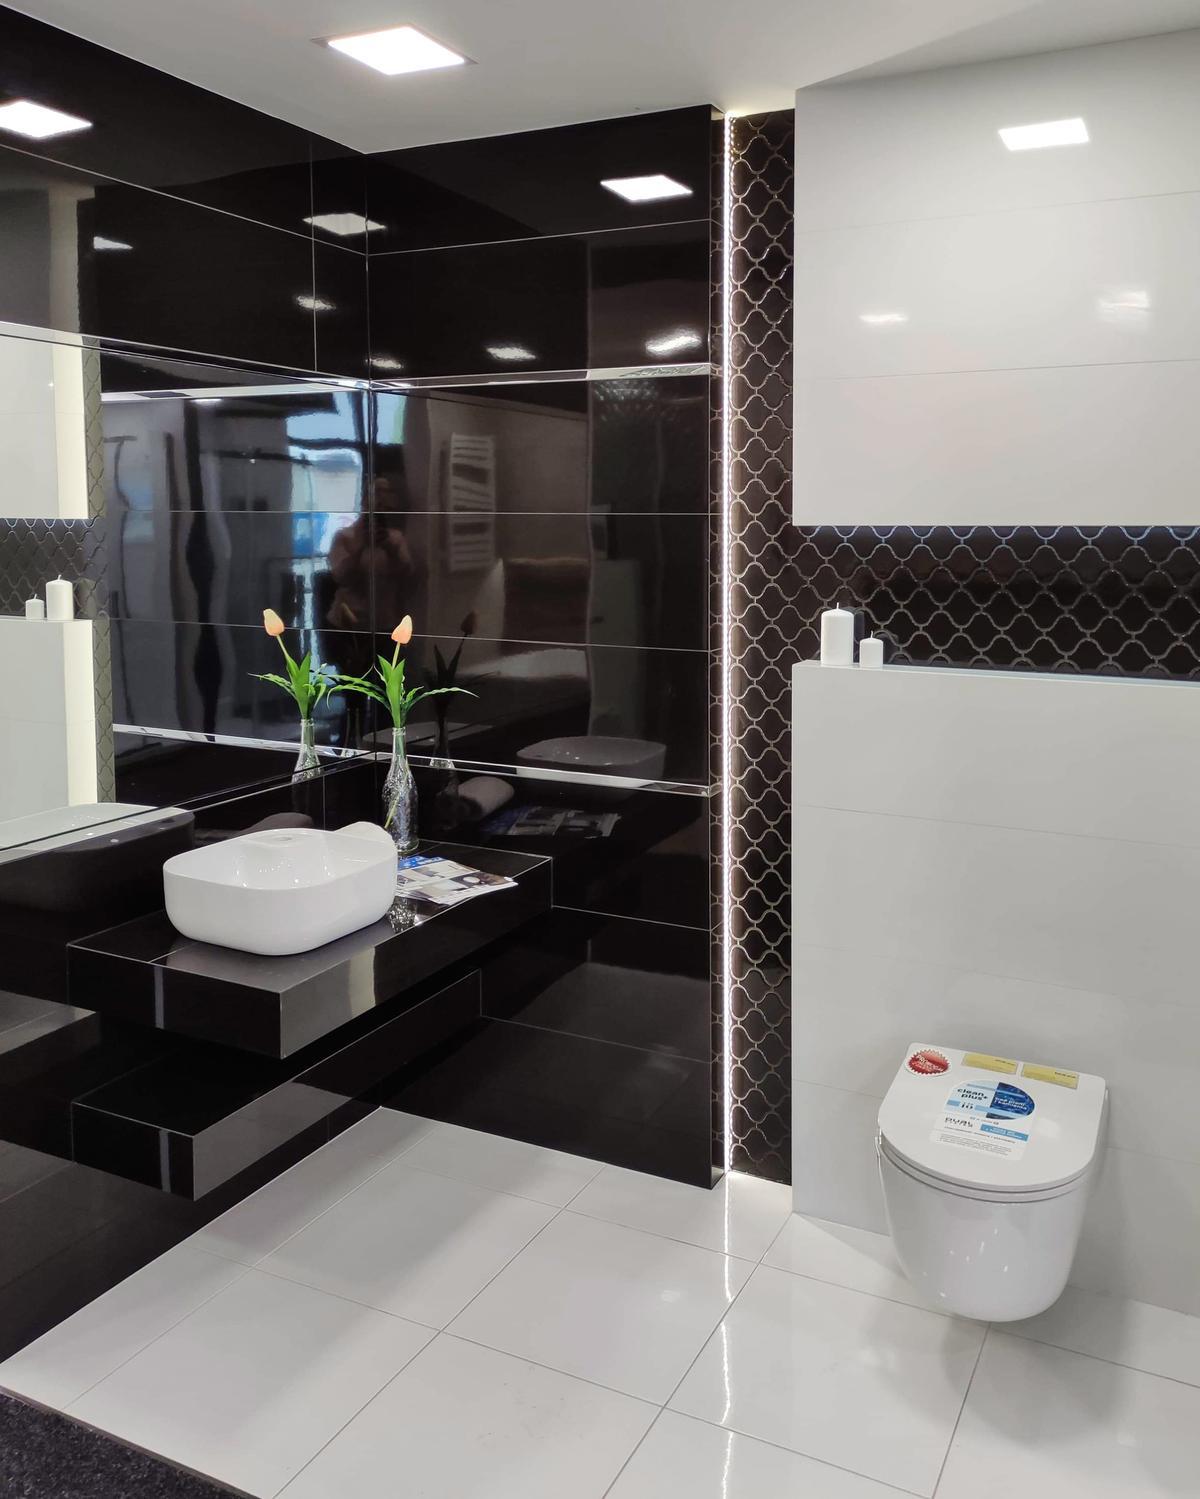 Klasyczna, czarno-biała łazienka w Salonie łazienek BLU Września - zdjęcie od BLU salon łazienek Września